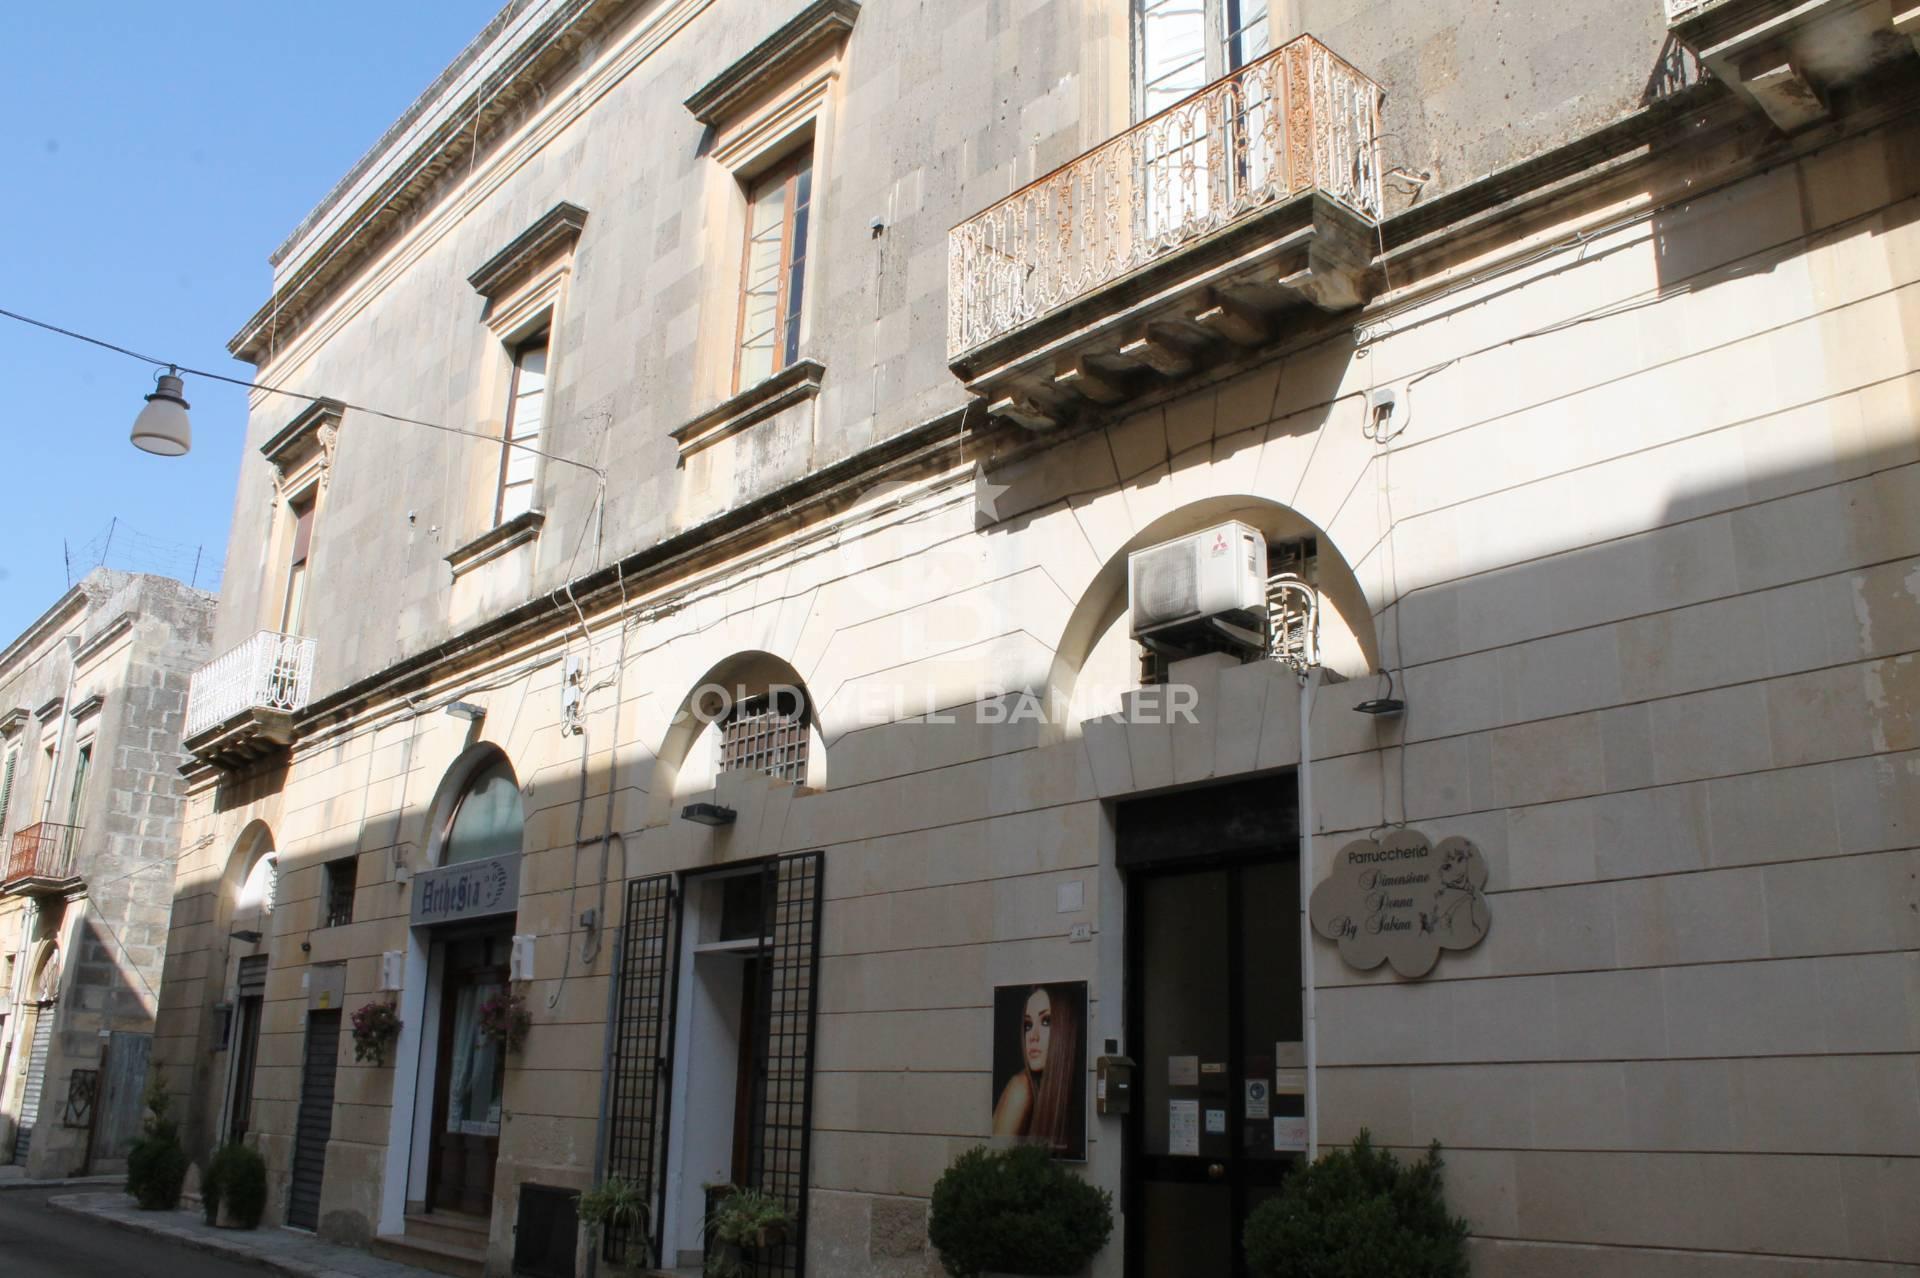 Negozio / Locale in vendita a Maglie, 9999 locali, prezzo € 160.000 | CambioCasa.it